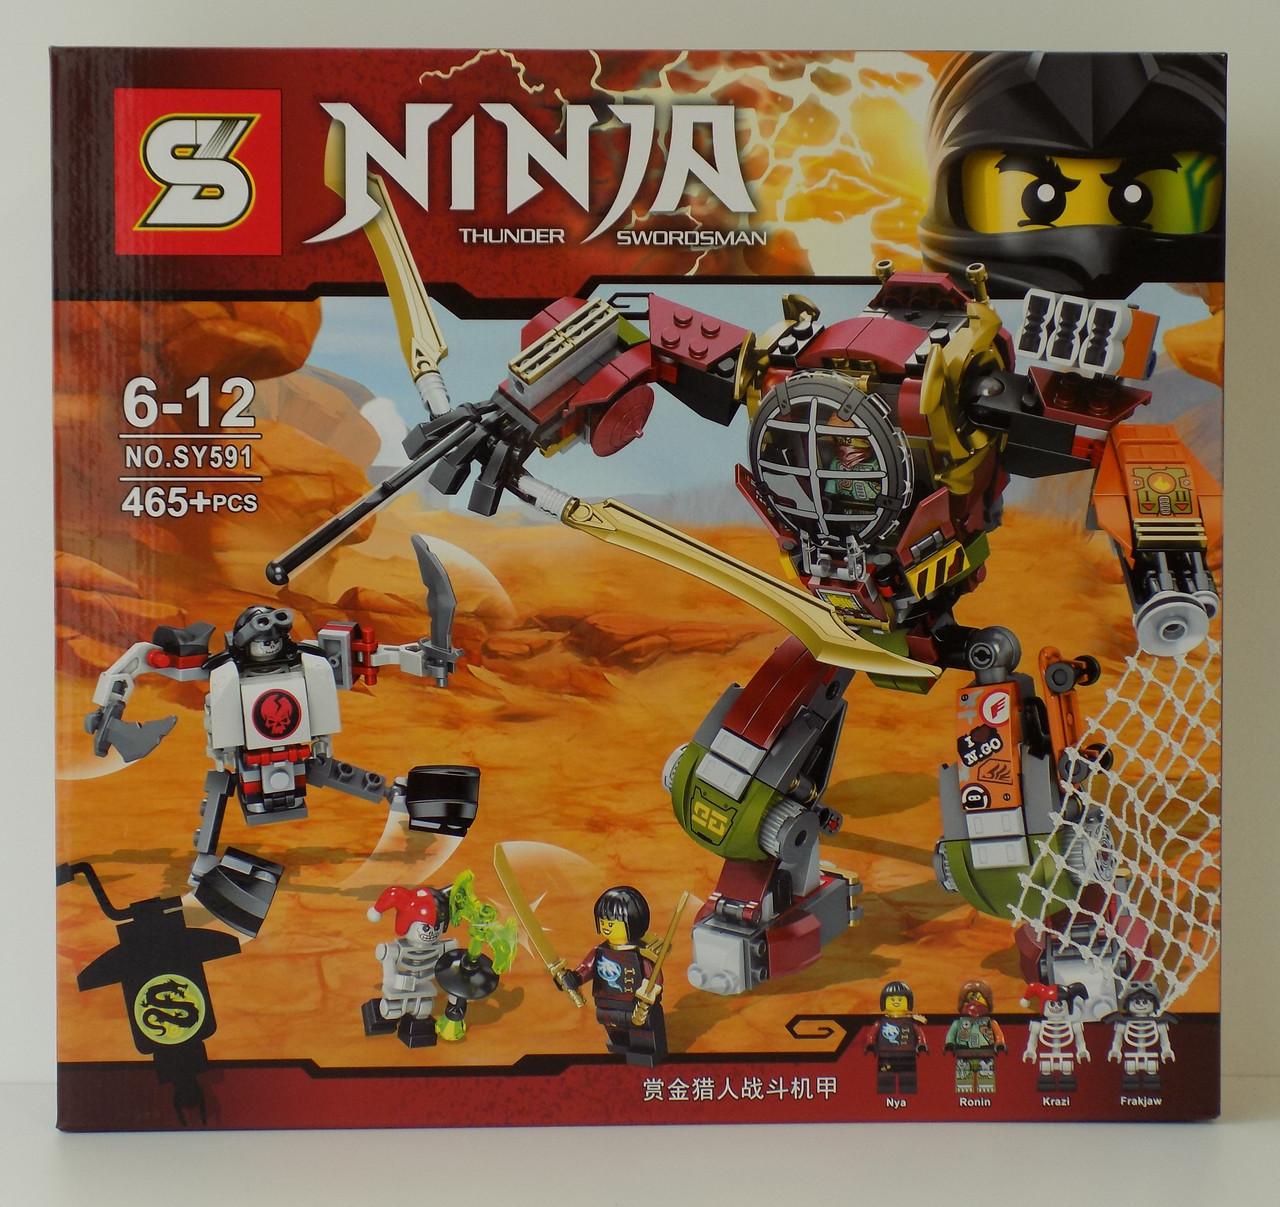 Конструктор Ninja ниндзя SY591